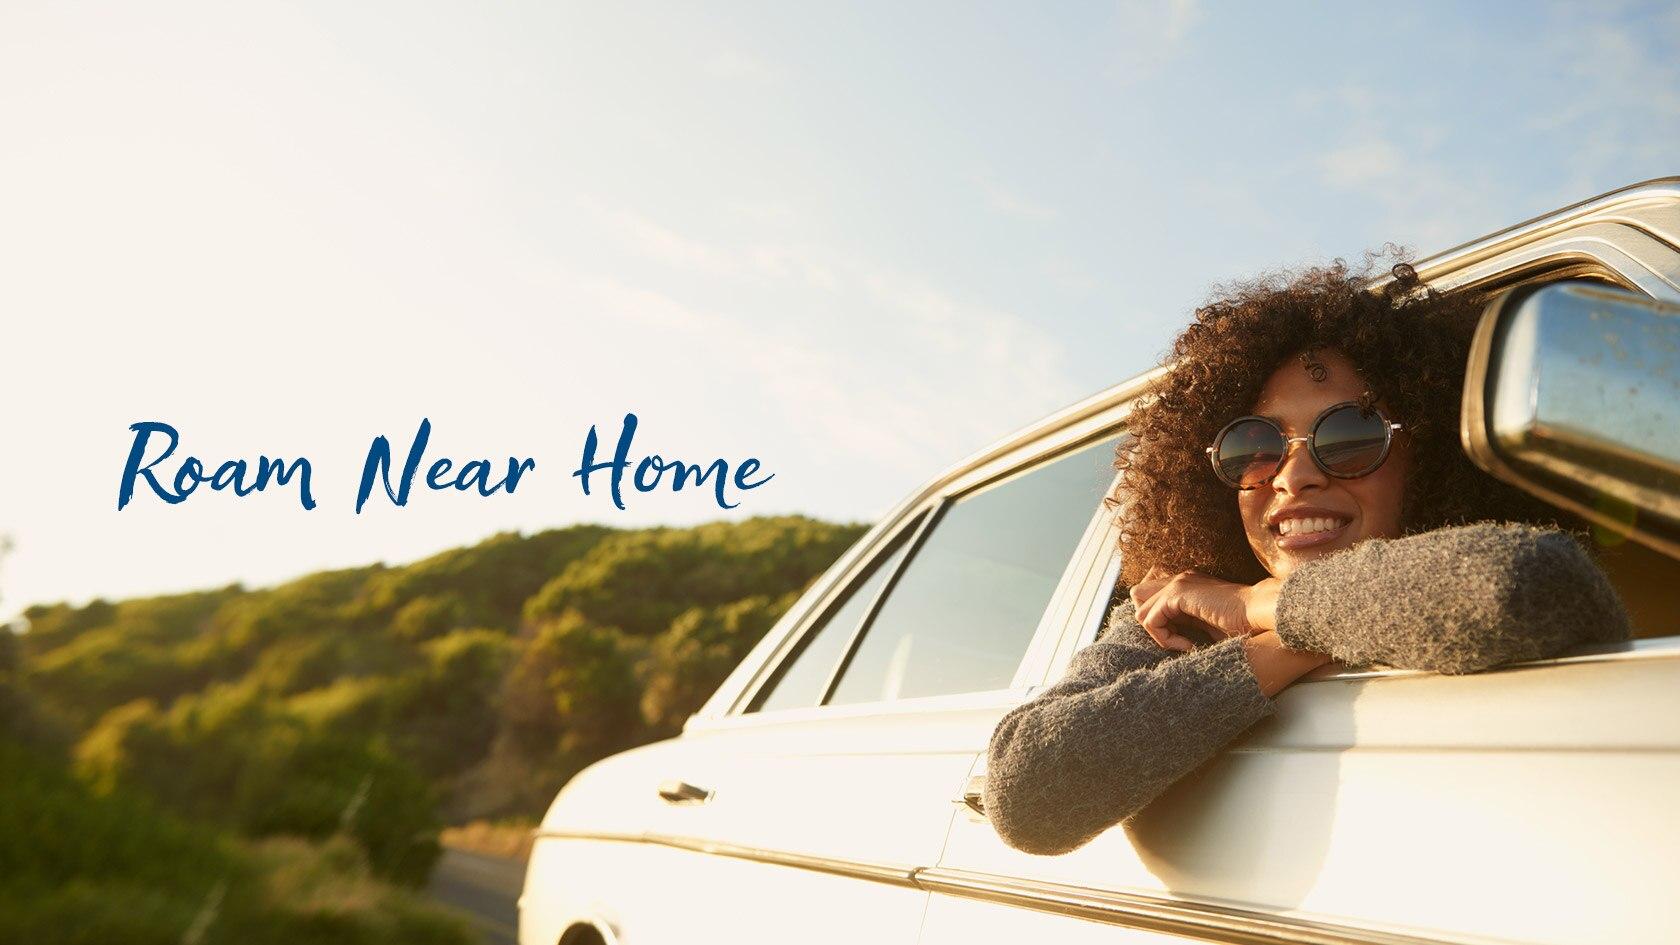 Travelocity.com: $10 off Roam Near Home